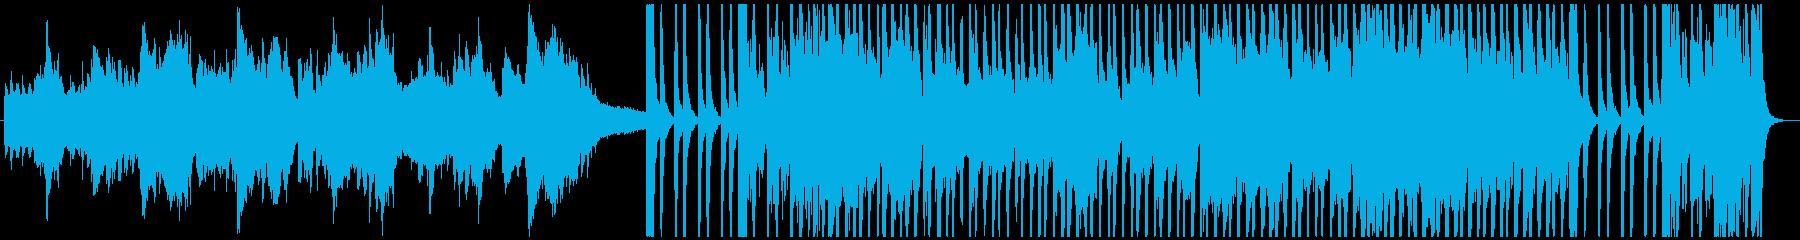 アコーディオンとバイオリンメインのタンゴの再生済みの波形